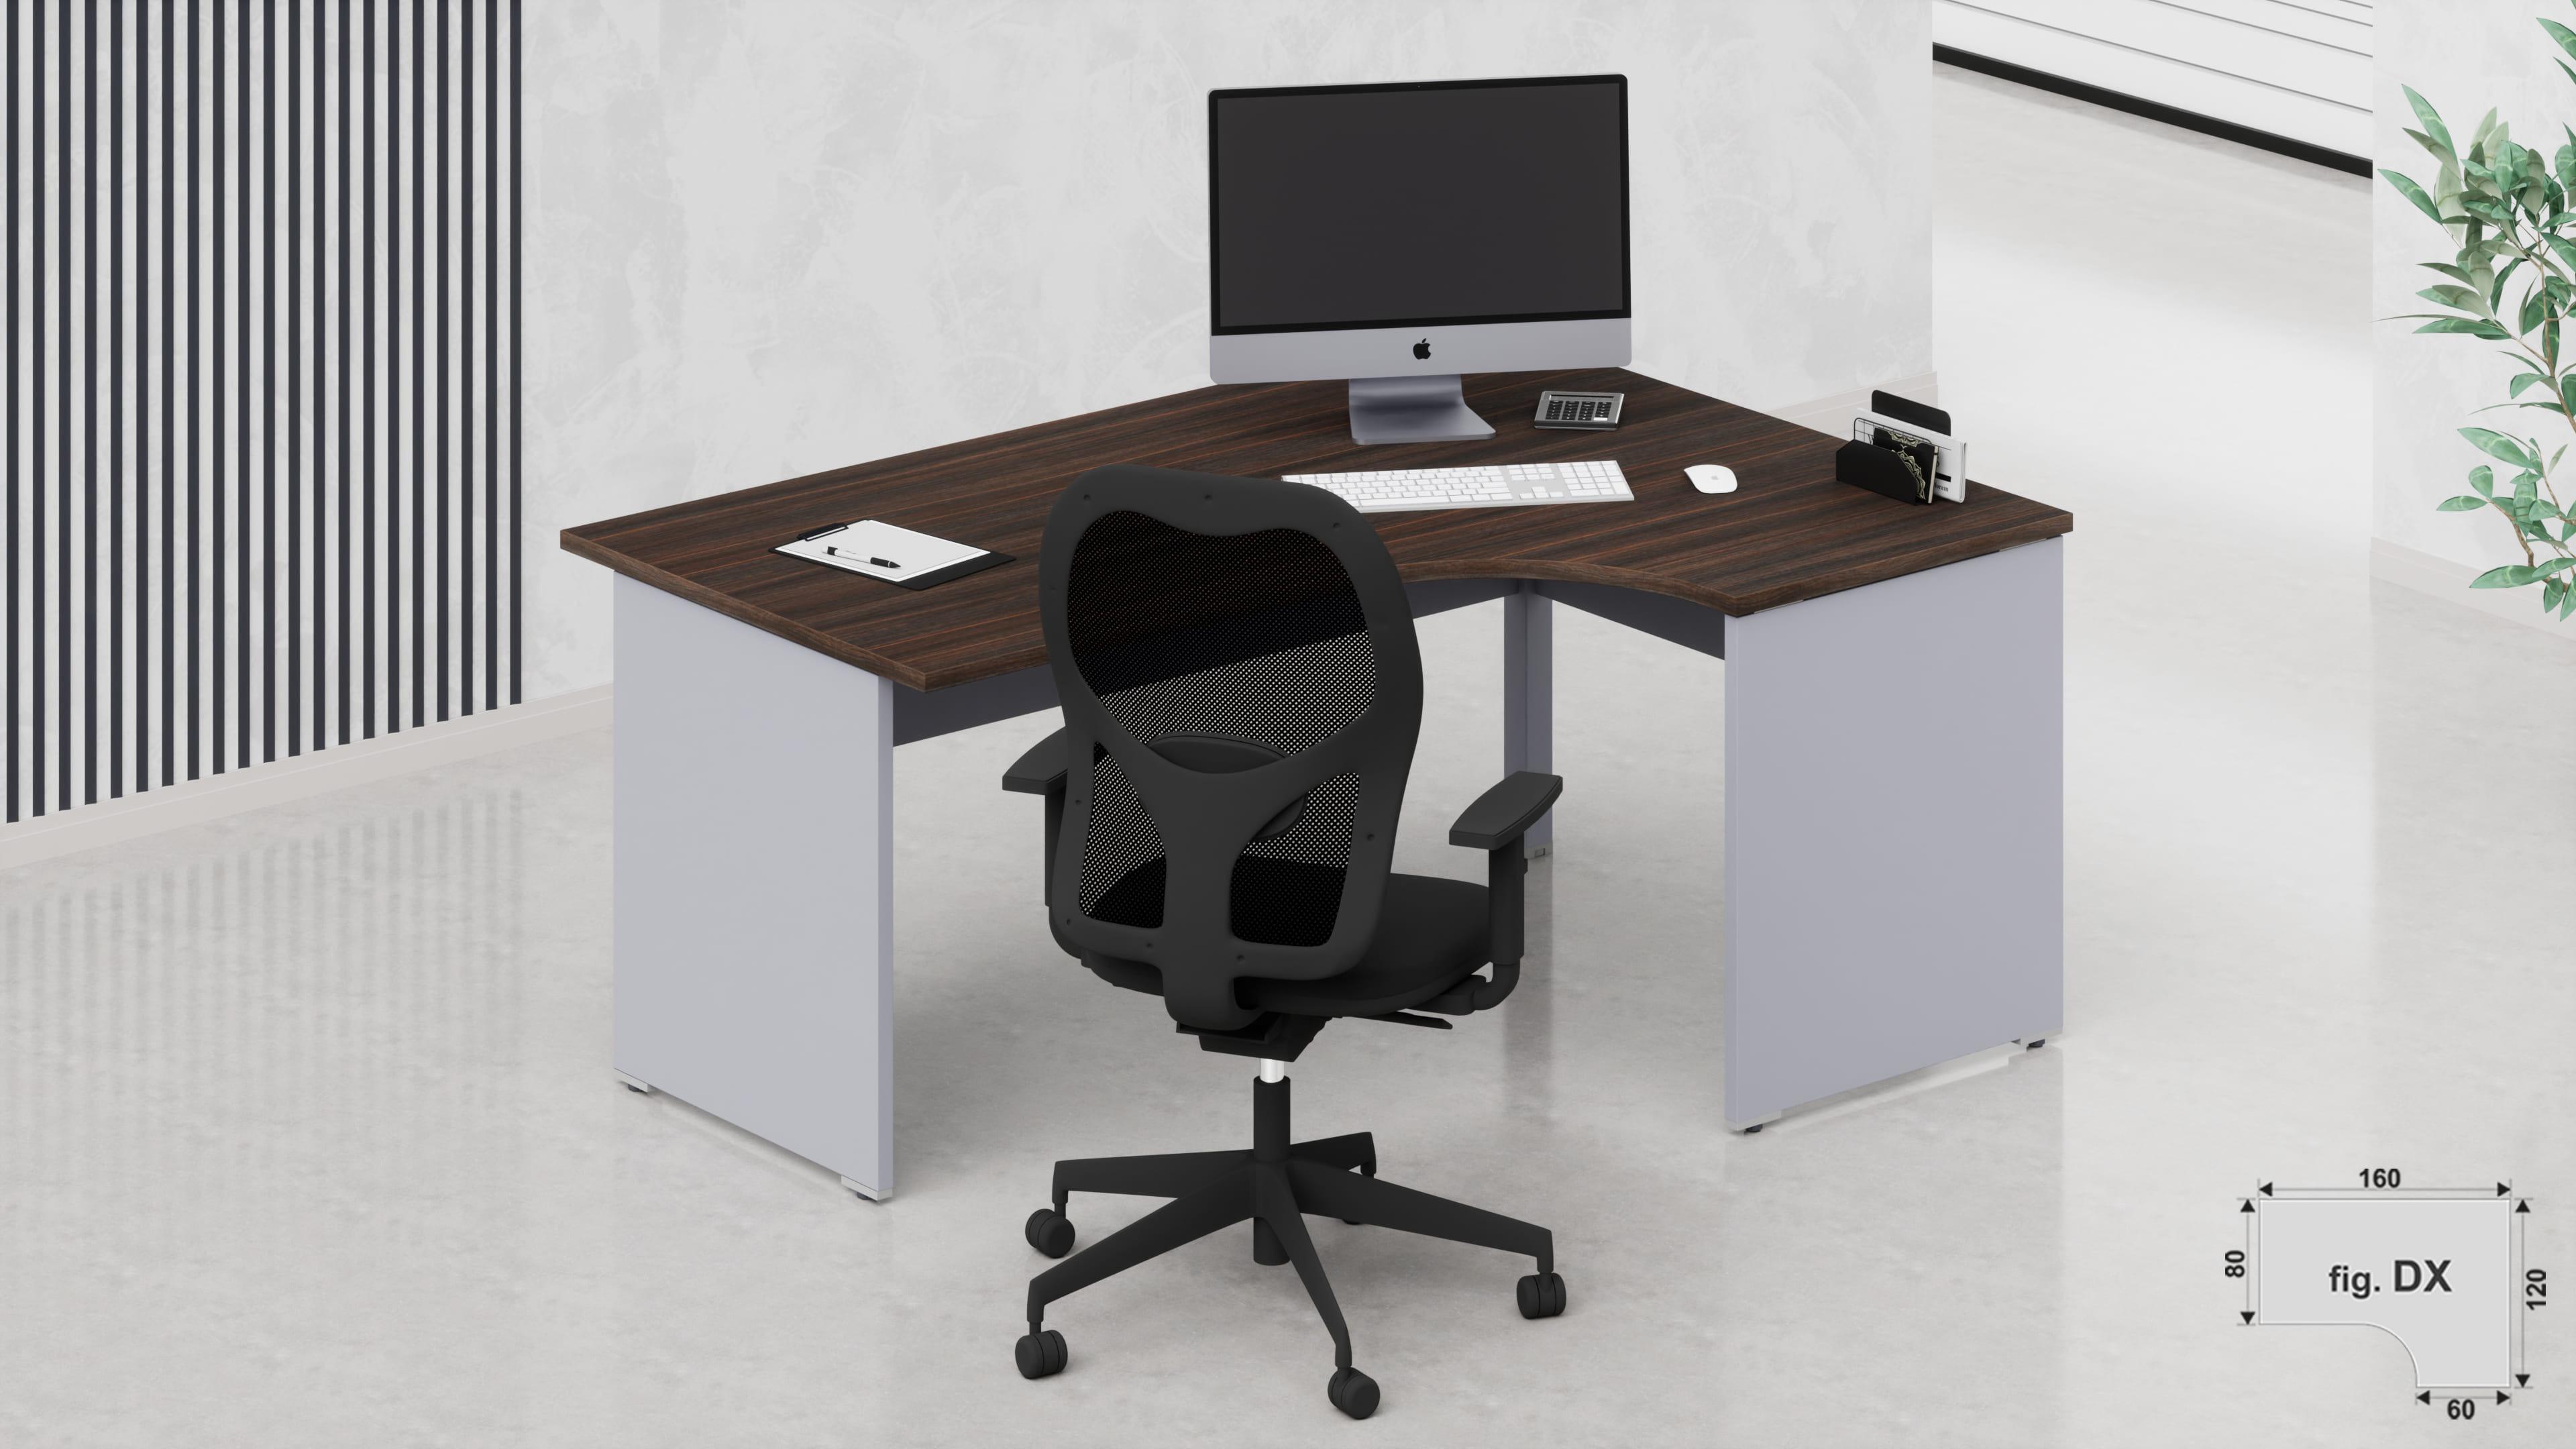 Sf019 scrivanie operative ufficio da 186 fumustore for Scrivanie operative ufficio